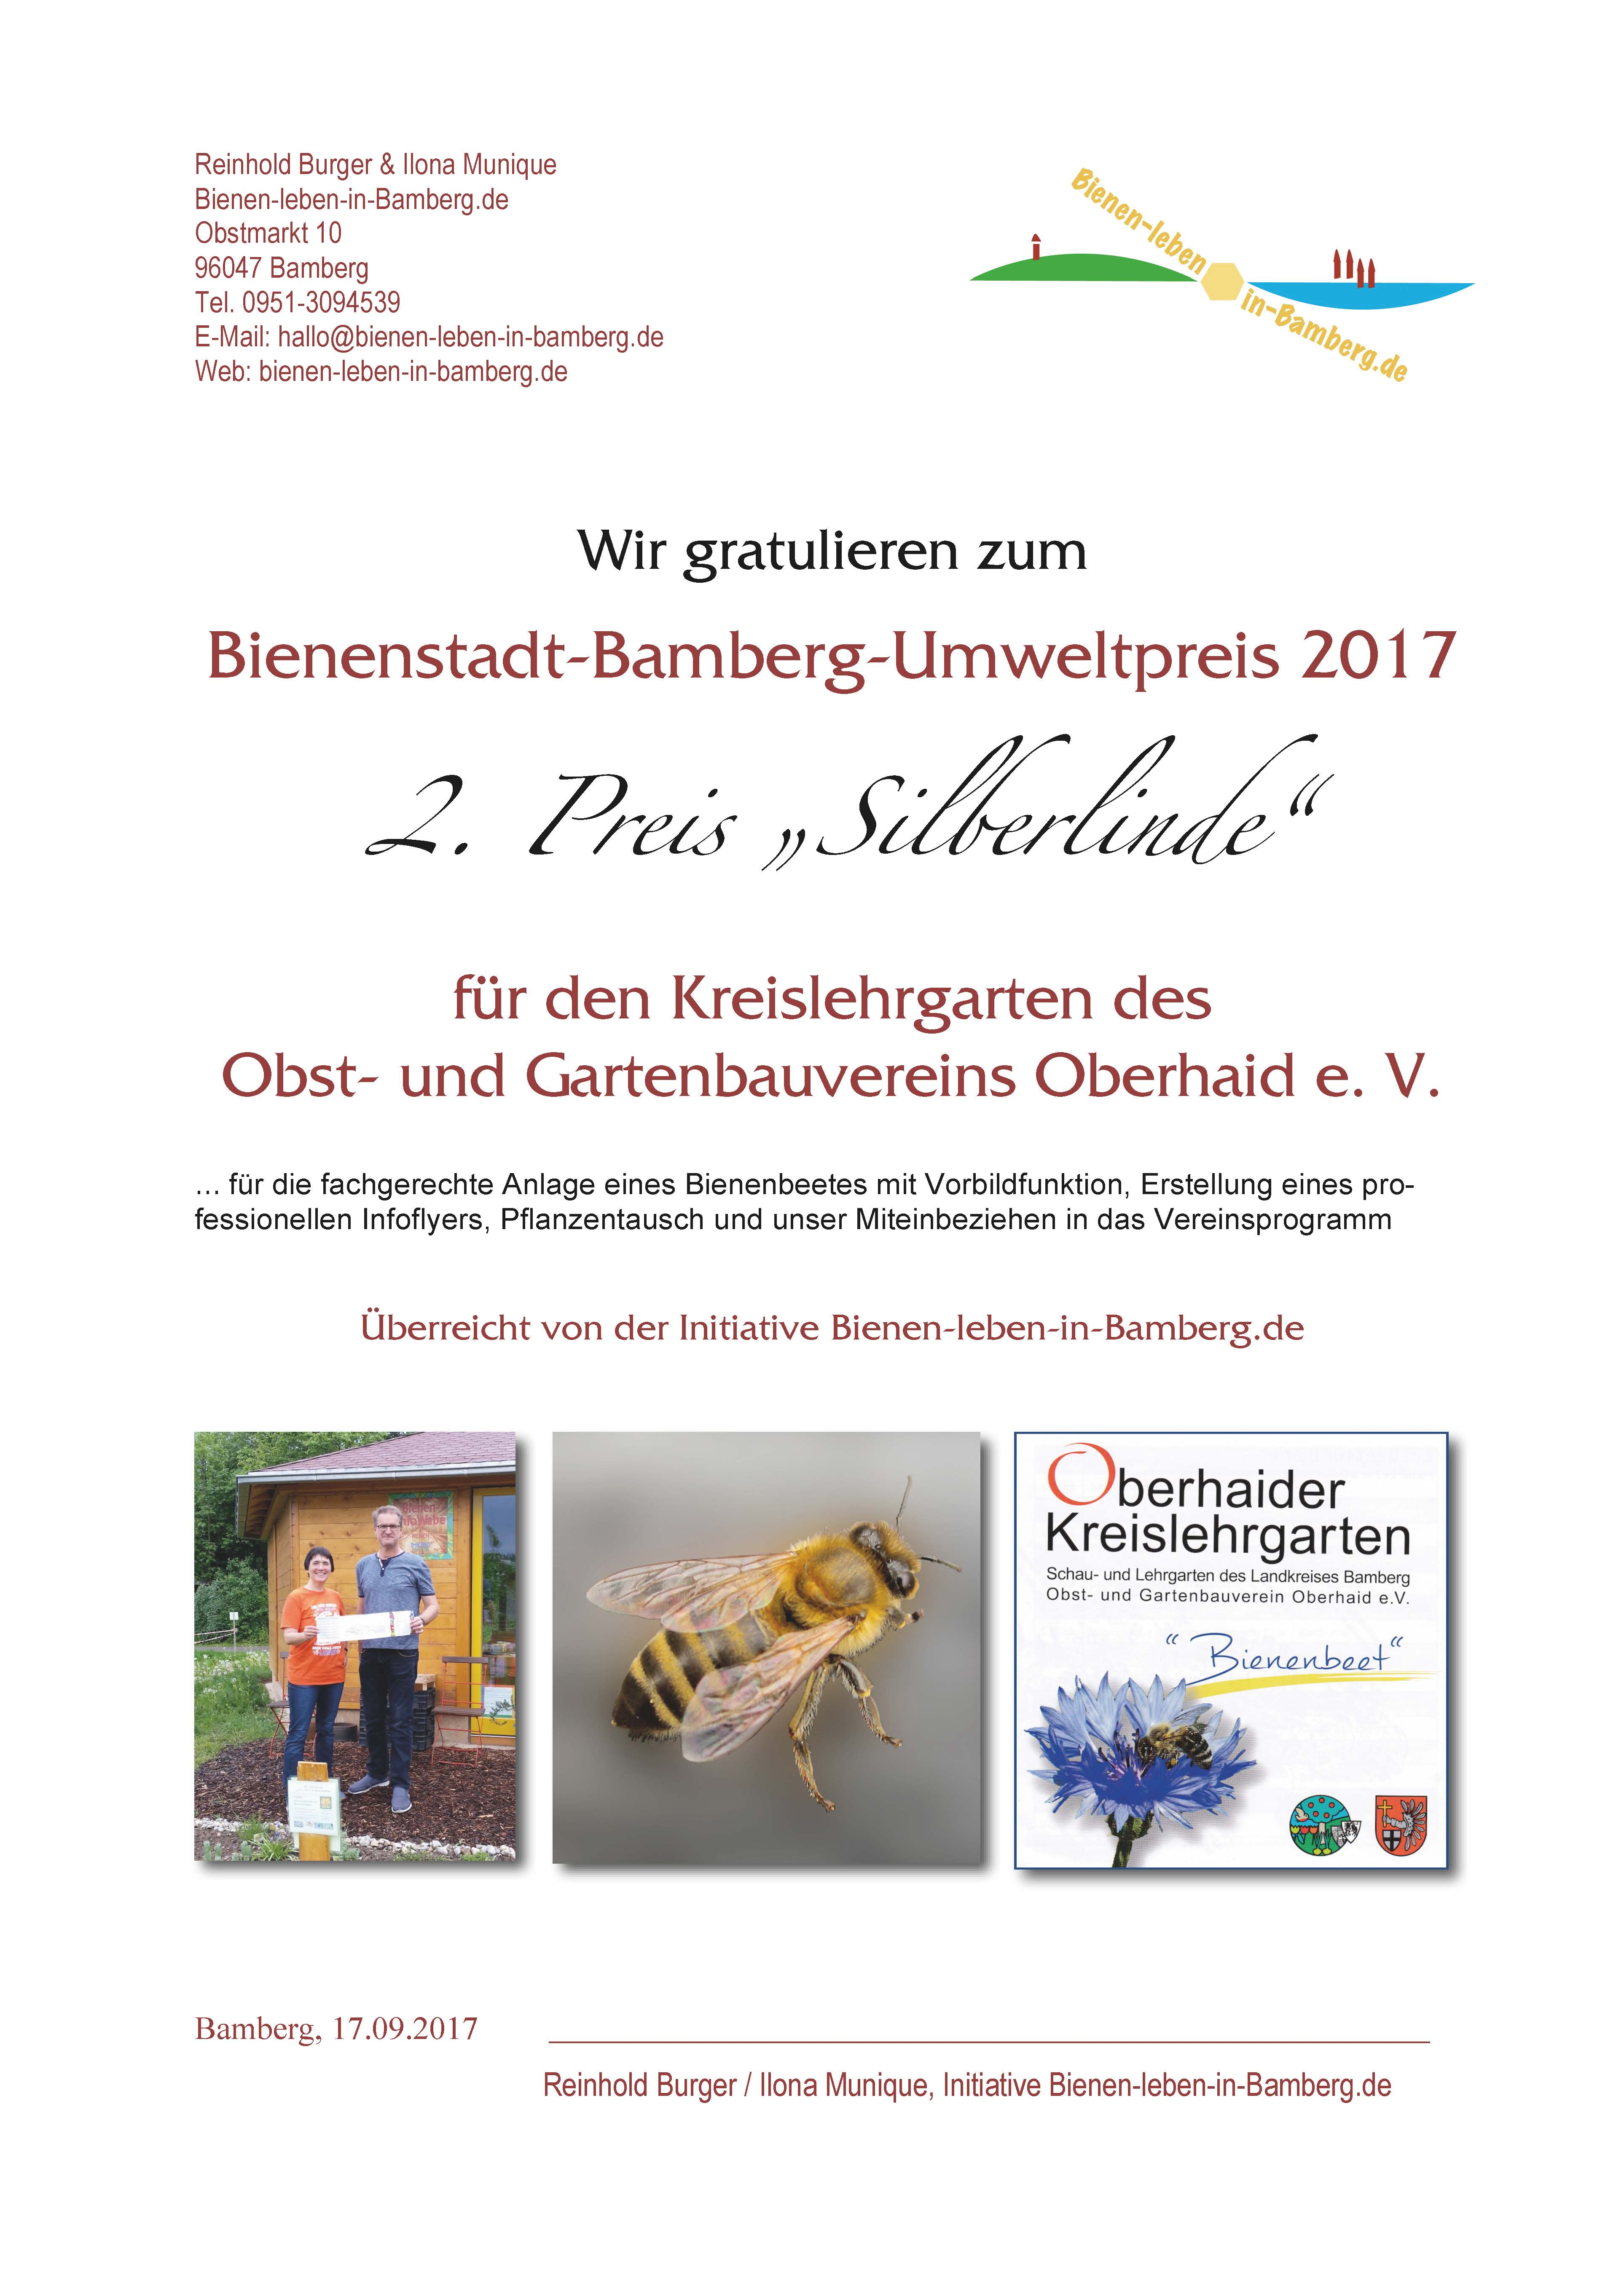 """Urkunde zum 2. Preis """"Silberlinde"""" des Bienenstadt-Bamberg-Umweltpreises 2017"""